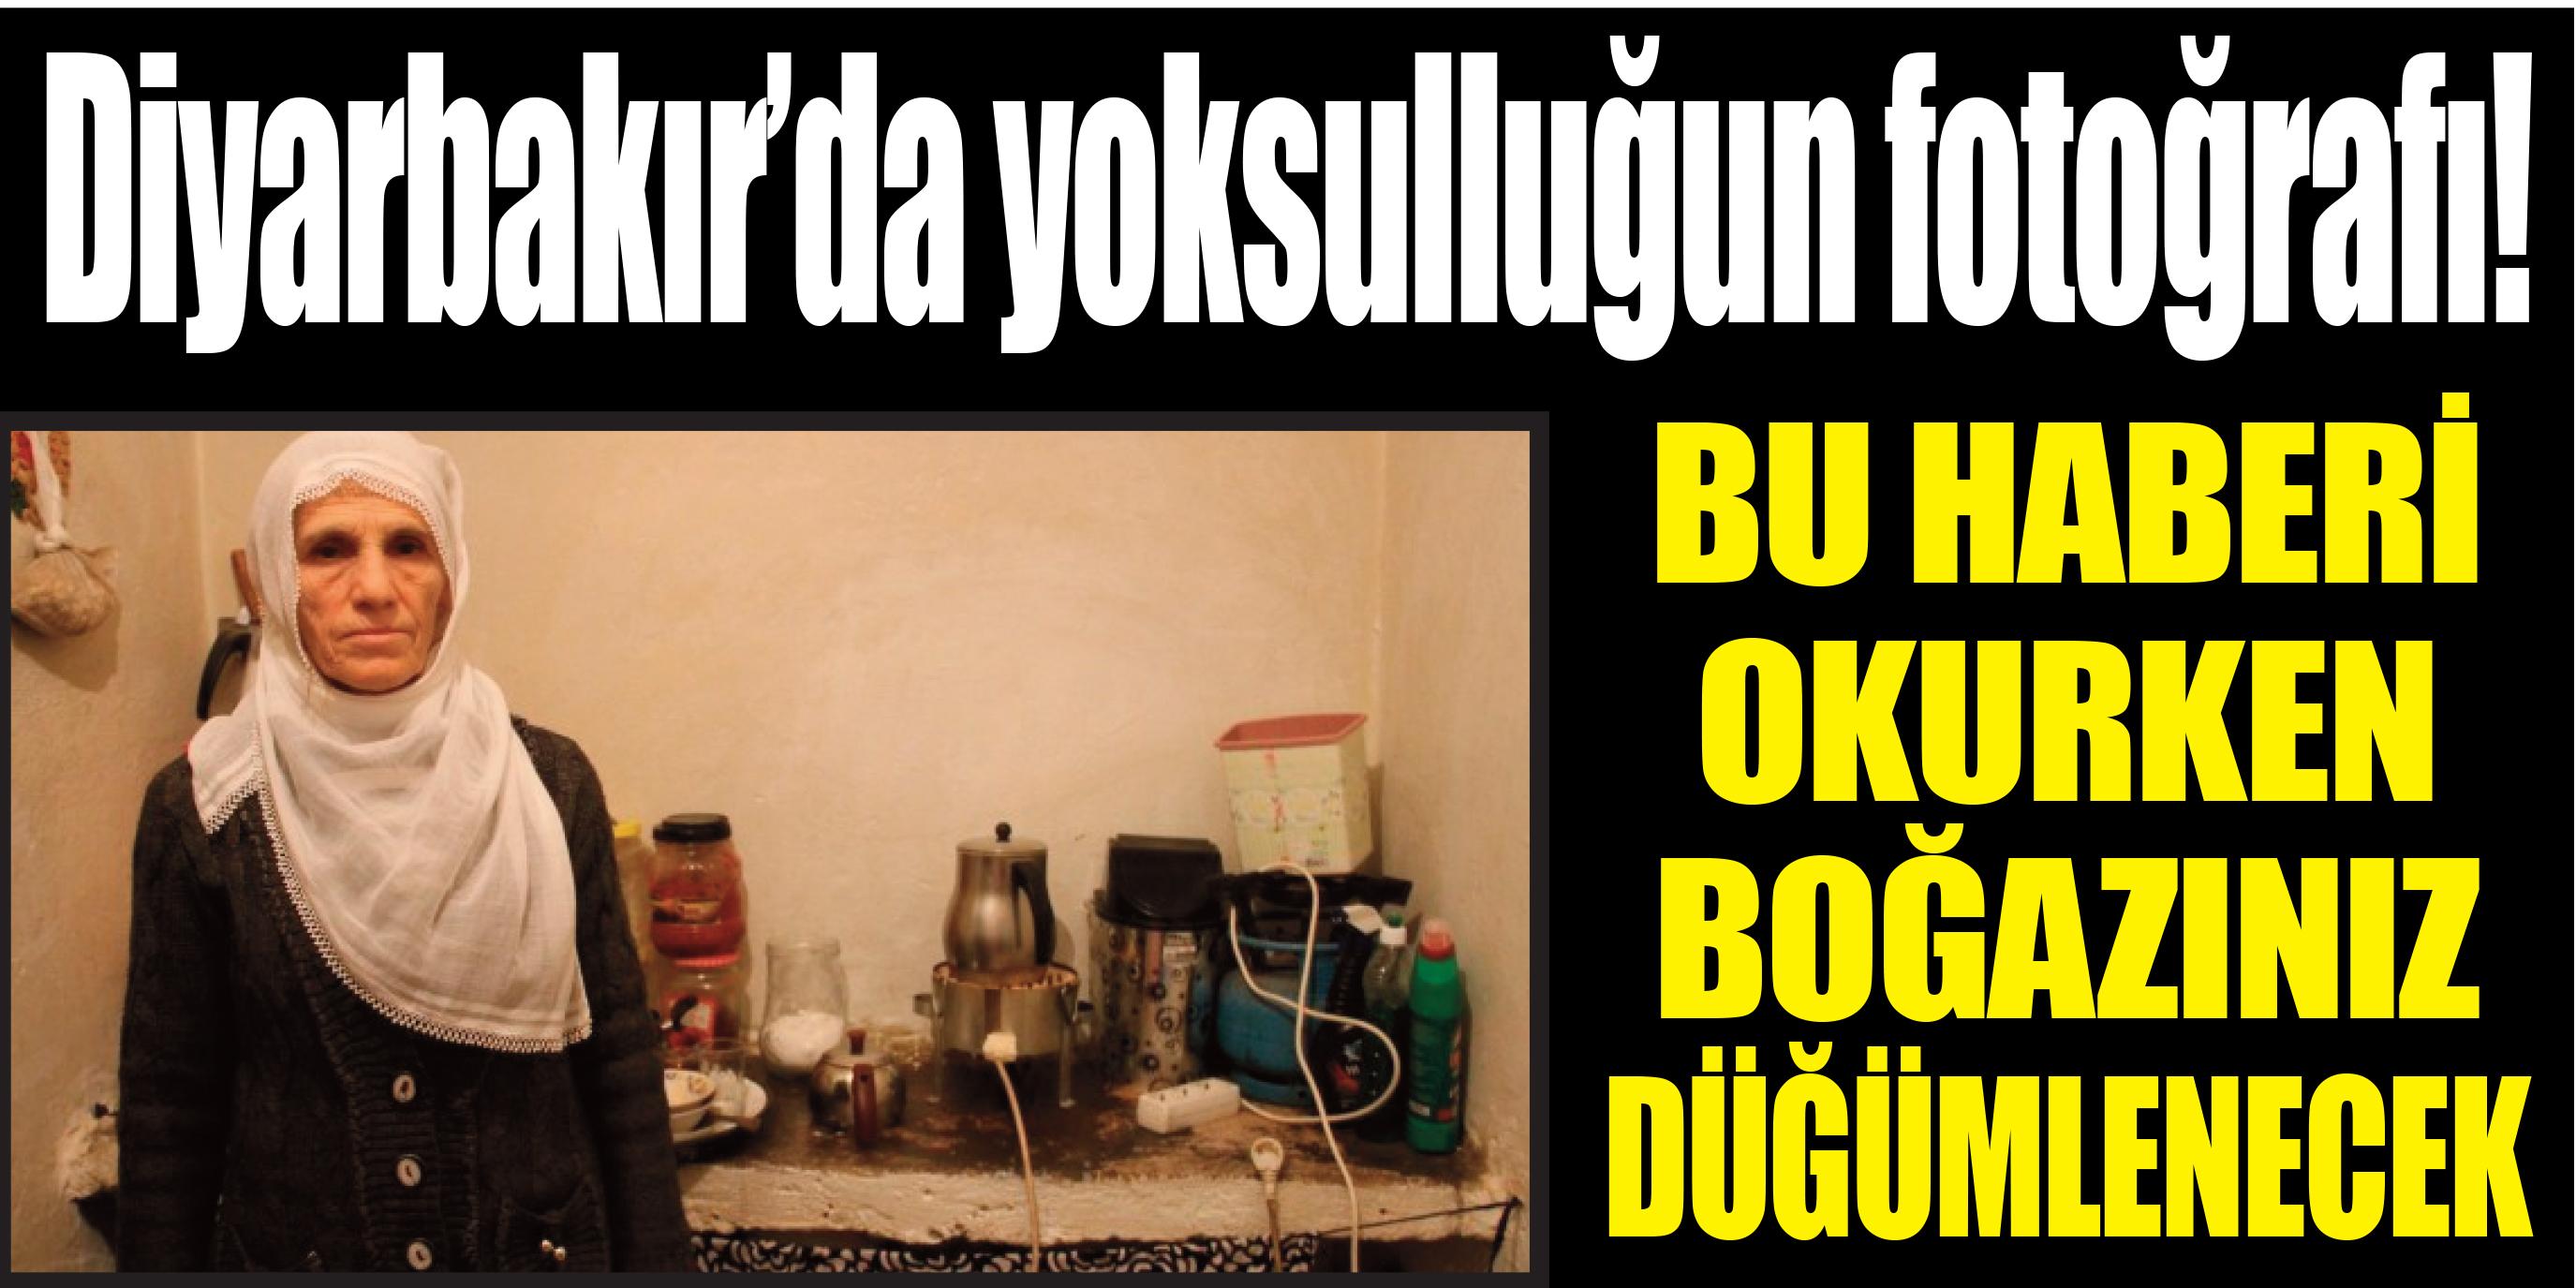 Diyarbakır'da Kılıç ailesinin yoksulluğu hepimizi utandırdı!